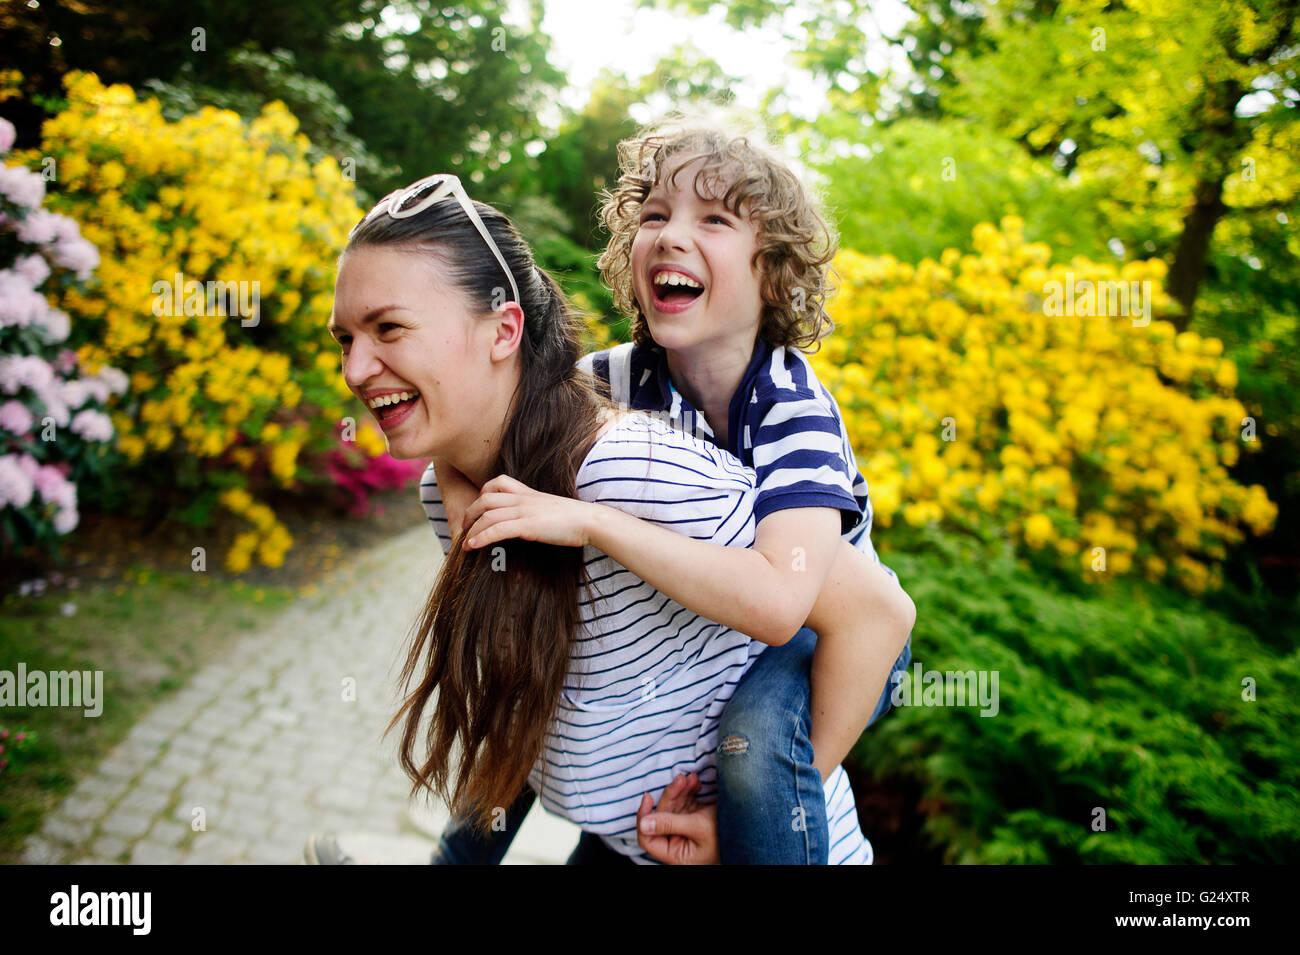 Donna giovane ragazzo ha dato un piggyback ride Immagini Stock